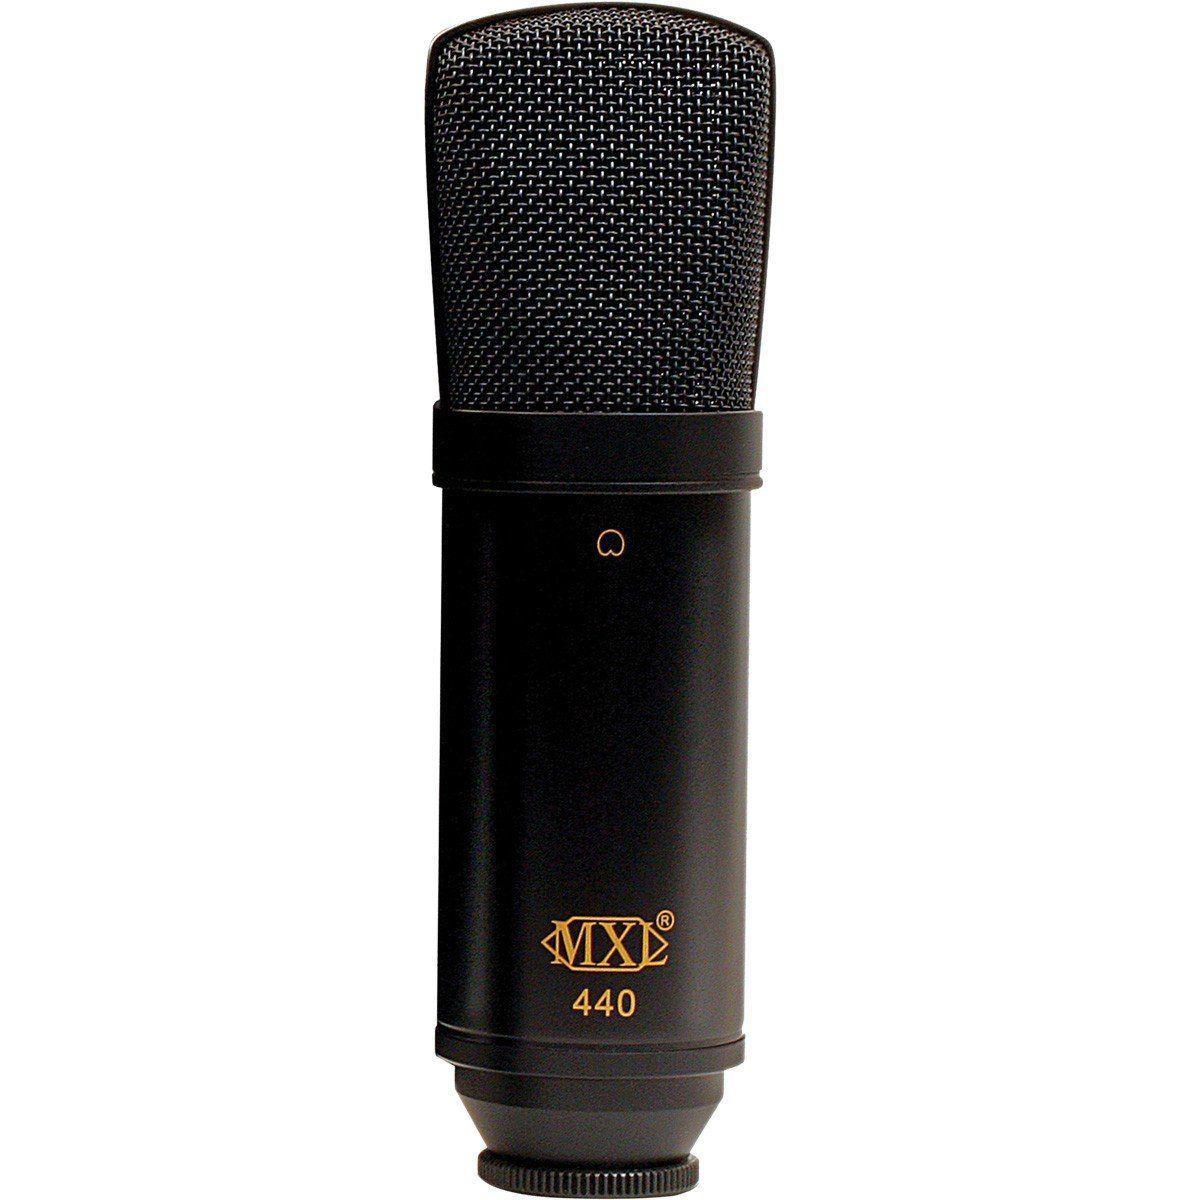 Mxl 440 Microfone Condensador Mxl-440 Ideal para Estúdio